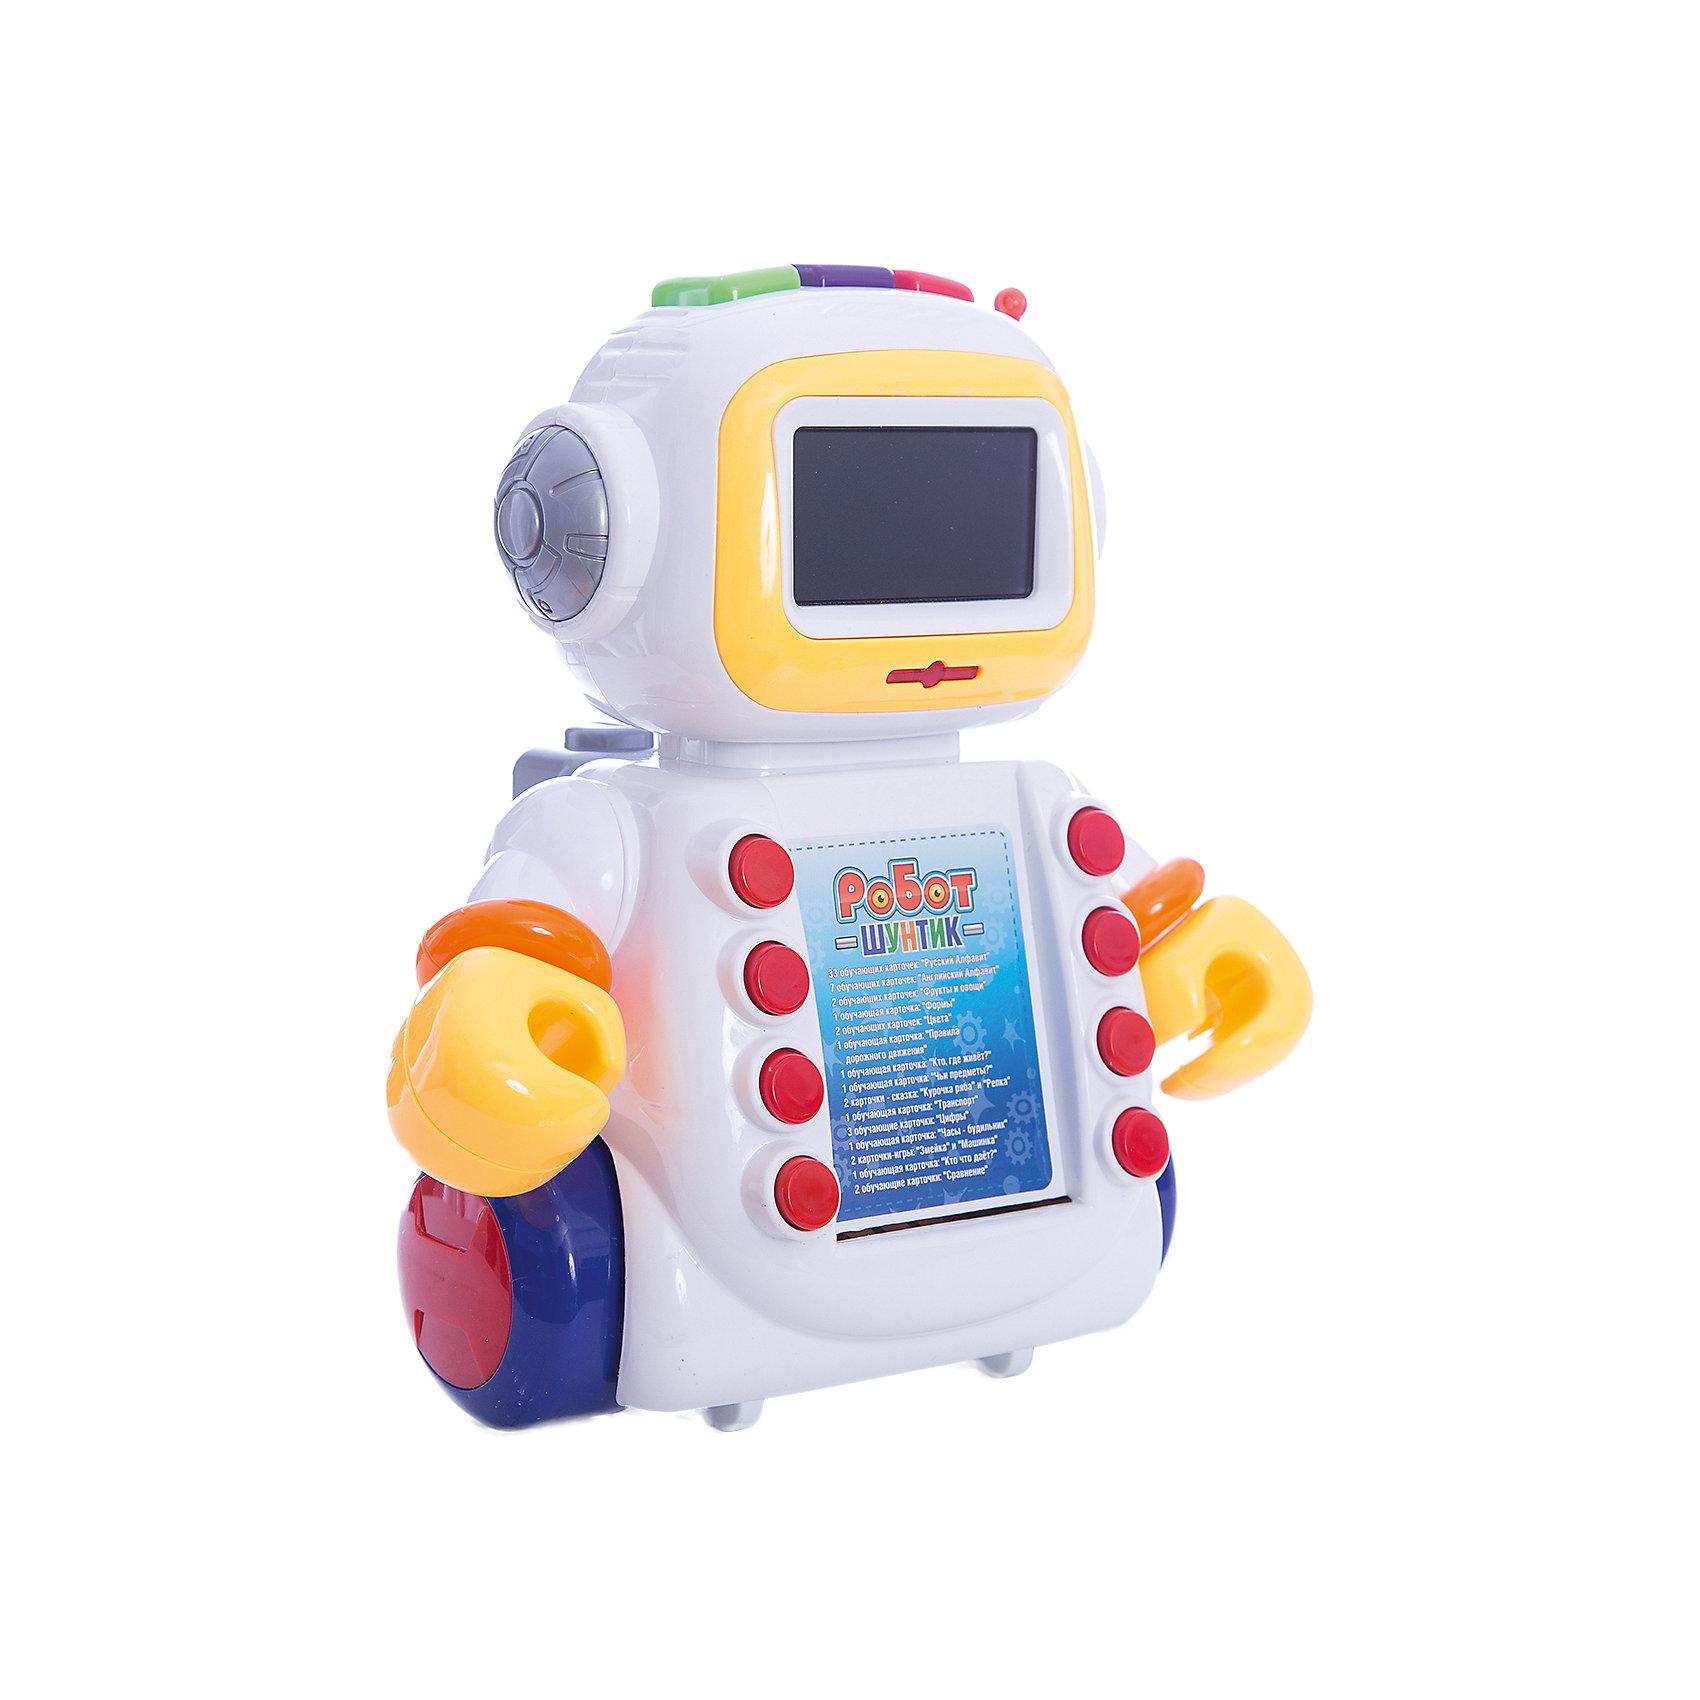 Интерактивный развивающий робот Shantou Gepai Шунтик, 60 карточекРазвивающие игрушки<br>Характеристики:<br><br>• функция часов и будильника;<br>• русская озвучка;<br>• песенки и стихи;<br>• обучение русскому алфавиту;<br>• обучение английскому алфавиту;<br>• обучение цветам и фигурам;<br>• обучение правилам дорожного движения;<br>• тип батареек: 3 х AA / LR6 1.5V (пальчиковые)<br>• наличие батареек: не входят в комплект<br>• возраст: от 2-х лет;<br>• размер упаковки: 28,5х13,5х32 см;<br>• вес: 1,09 кг;<br>• страна: Китай.<br><br>Интерактивная развивающая игрушка Робот Шунтик поможет ребенку получить новые знания в игровой форме.  В рюкзаке Шунтика, находятся 60 обучающих карточек, с помощью которых ребенок сможет выучить русский и английский алфавит, названия цветов и геометрических фигур, а также узнает правила дорожного движения.<br><br>В перерывах между занятиями Шунтик развлечет ребенка веселой песенкой или стихотворением. Робот оснащен функцией часов и будильника. Вставать в садик или в школу с таким роботом будет очень приятно.<br><br>Шунтик умеет двигать руками, его экран светится во время работы. Для работы необходимы батарейки (не входят в комплект).<br><br>Развивающего робота Шунтик, 60 карточек, Shantou Gepai (Шанту Гепай) можно купить в нашем интернет-магазине.<br><br>Ширина мм: 320<br>Глубина мм: 135<br>Высота мм: 285<br>Вес г: 1083<br>Возраст от месяцев: 24<br>Возраст до месяцев: 2147483647<br>Пол: Мужской<br>Возраст: Детский<br>SKU: 6846916